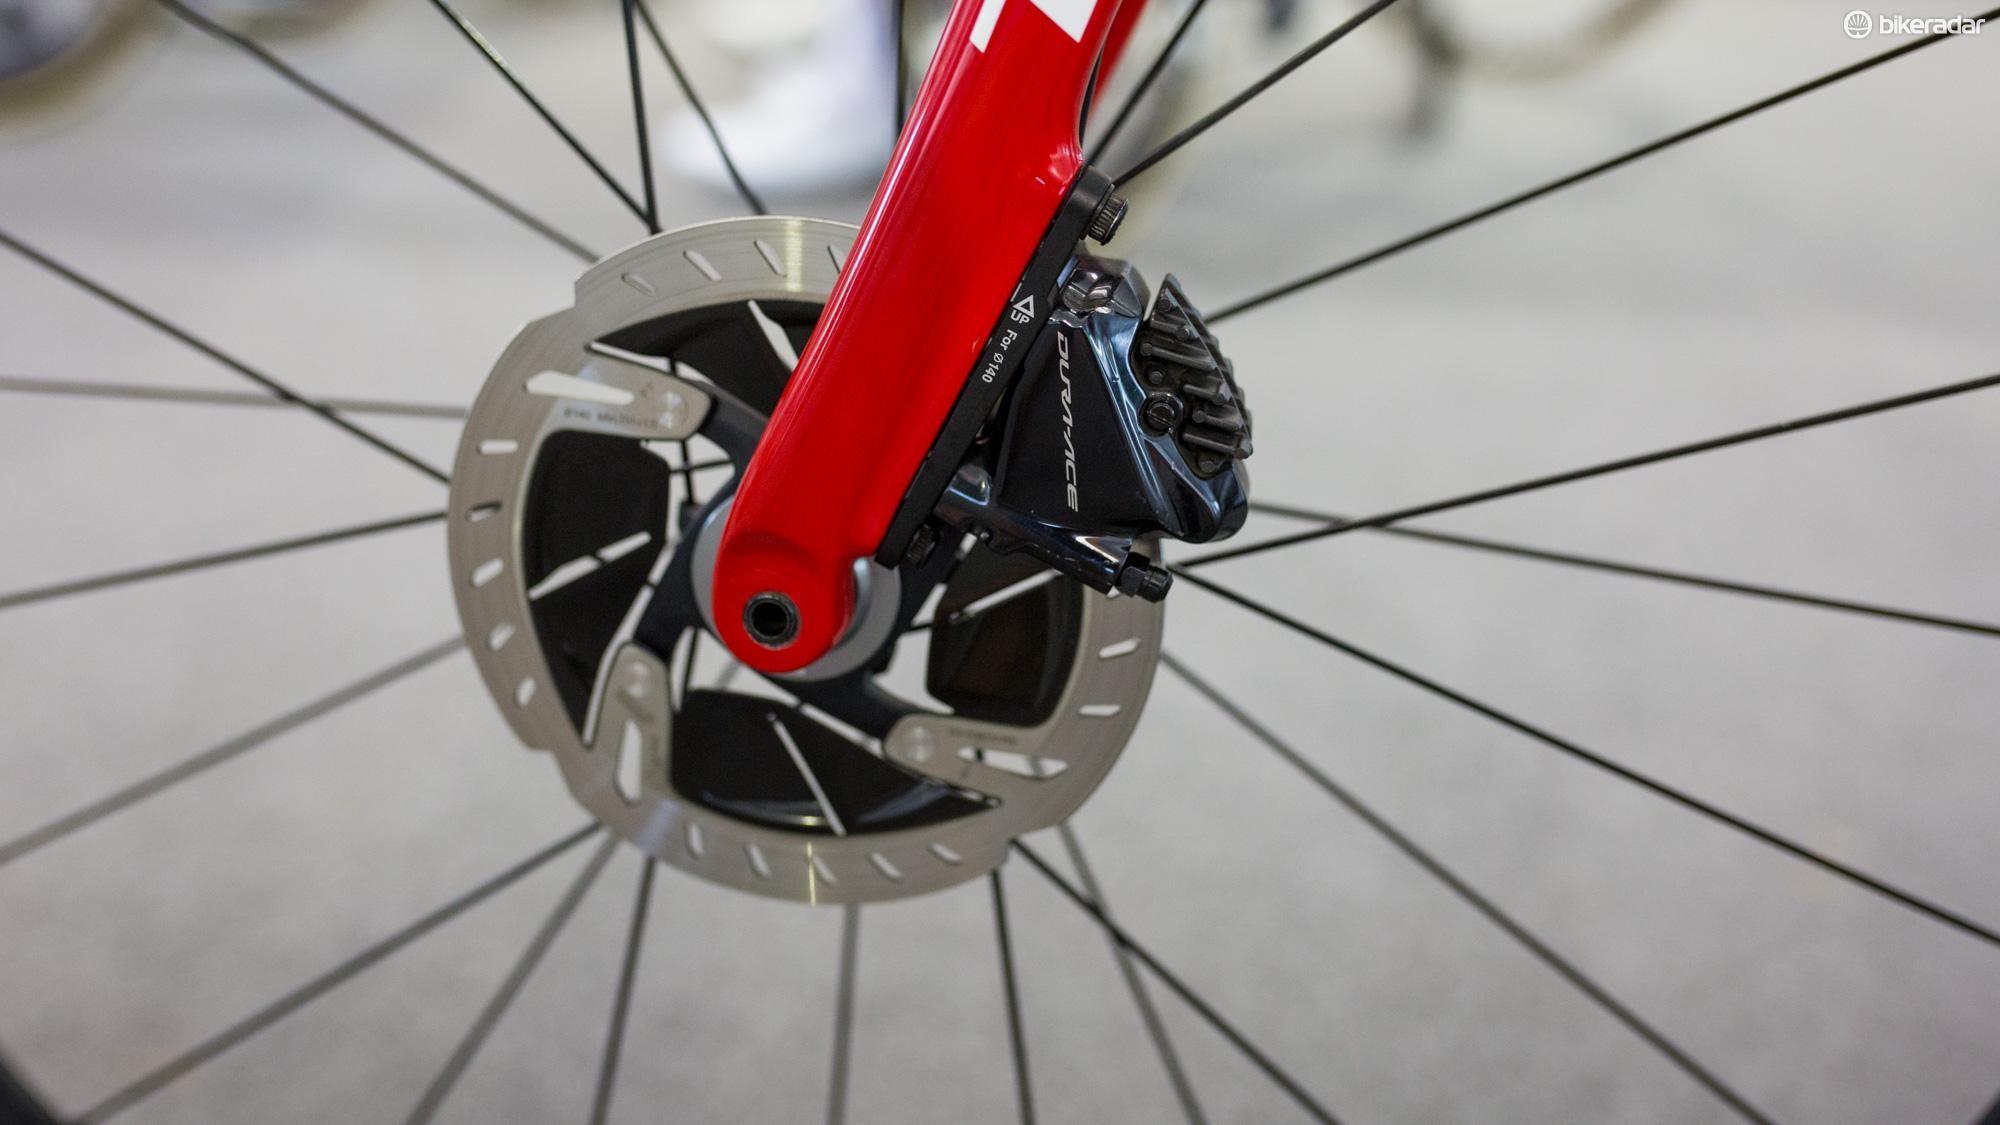 Trek-Segafredo will be riding the Émonda disc exclusively for 2018